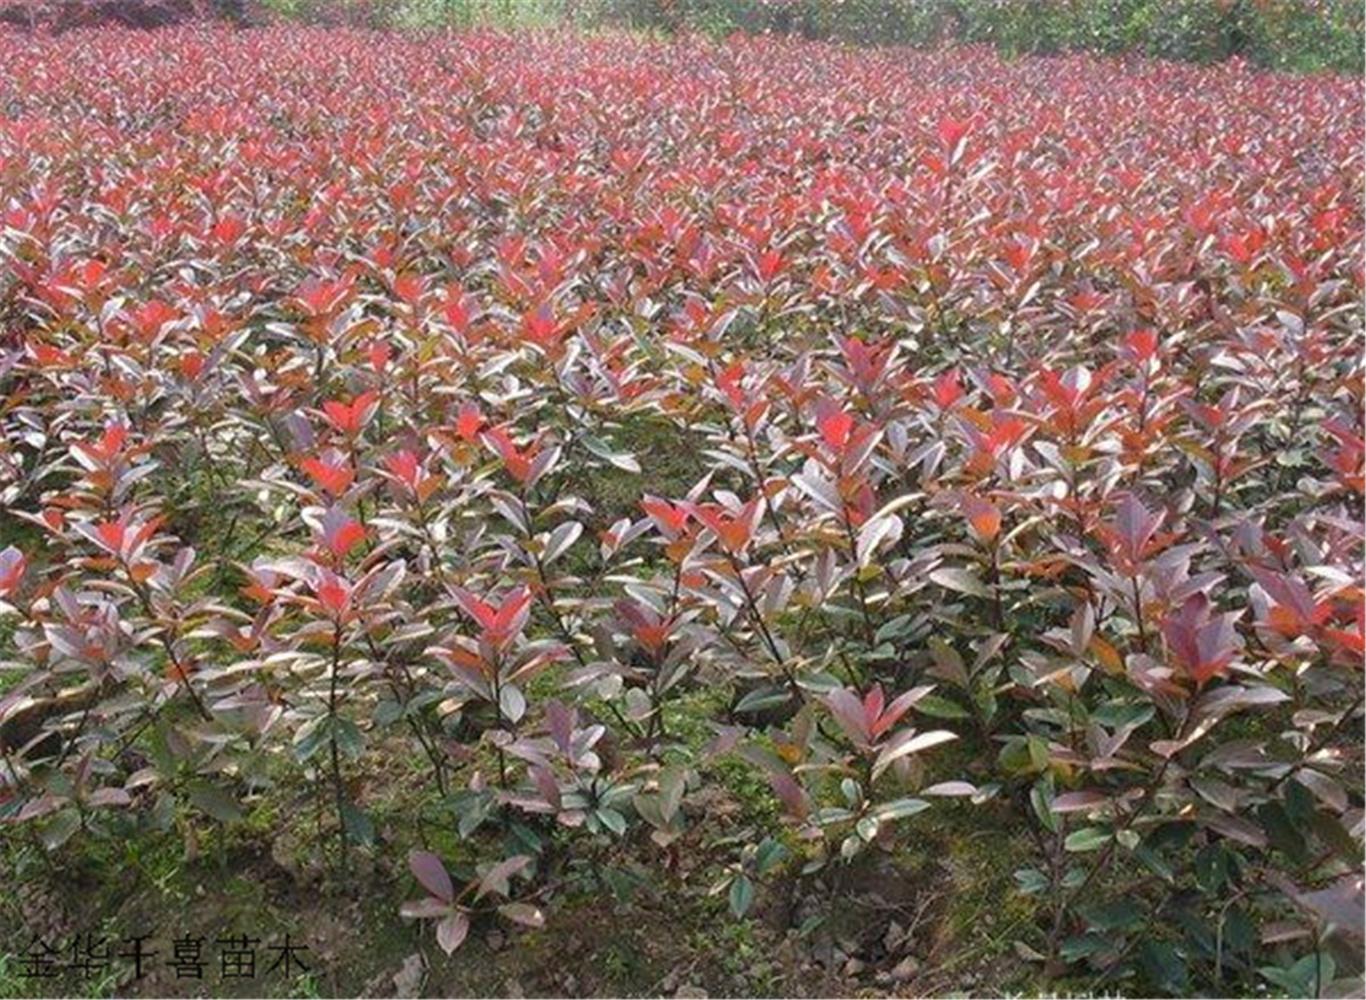 千喜苗木批发大量红叶石楠大杯苗 火焰红红叶石楠小杯苗示例图3